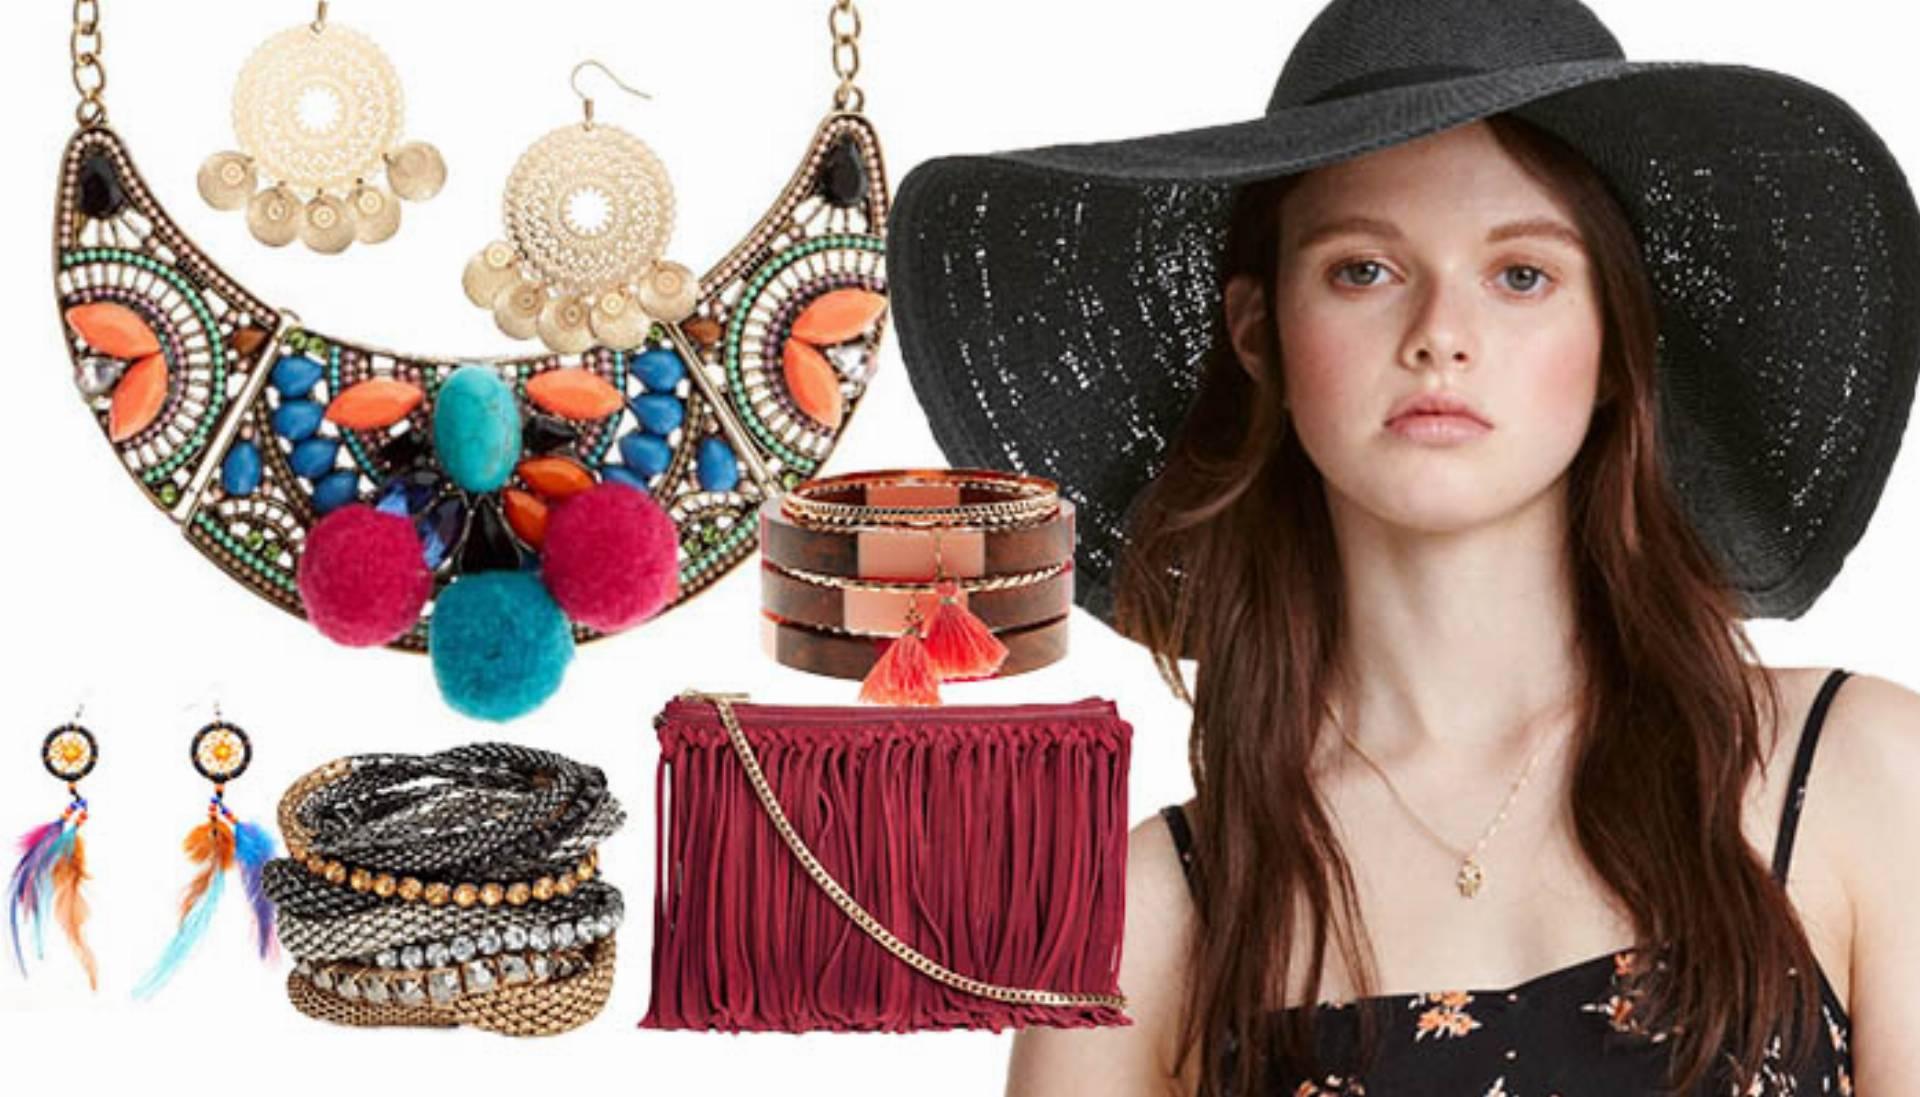 modne dodatki w stylu boho na lato 2016